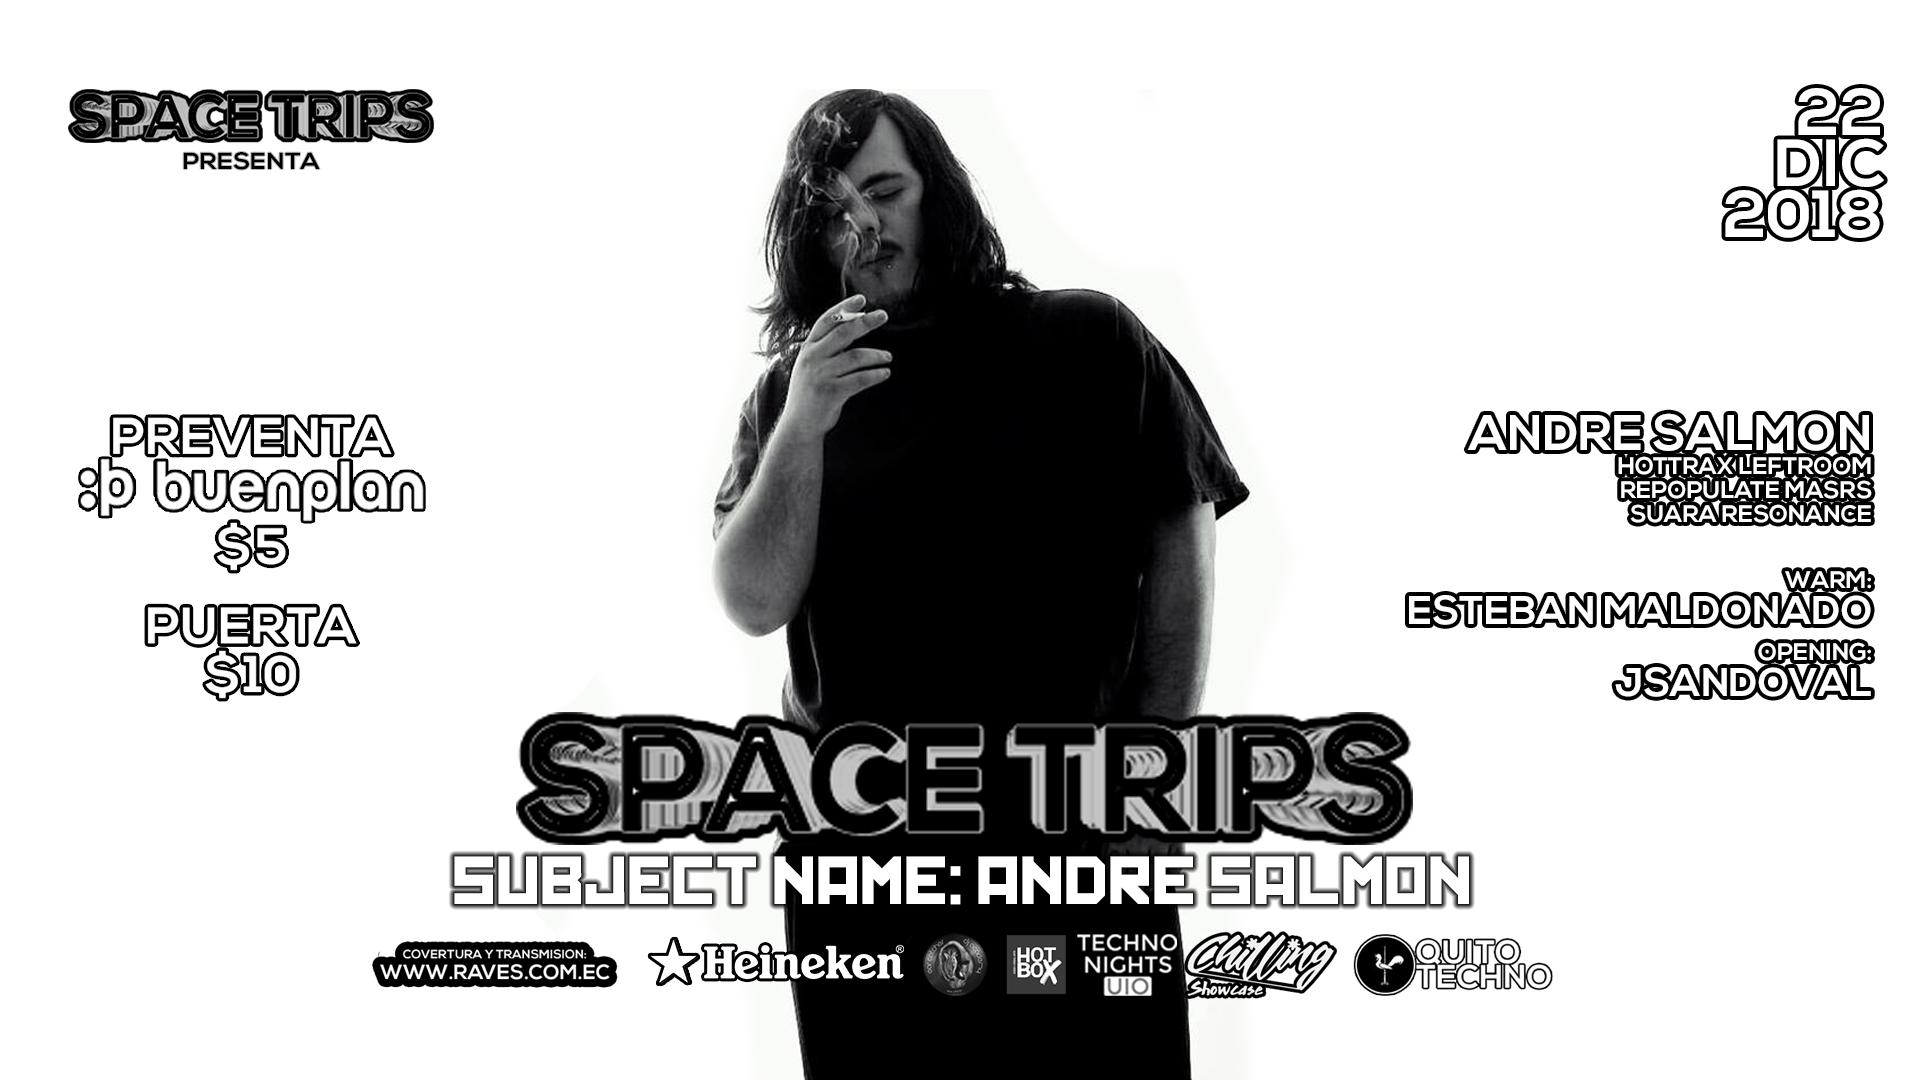 Spacetrips w/ Andre Salmon en undefined, BuenPlan